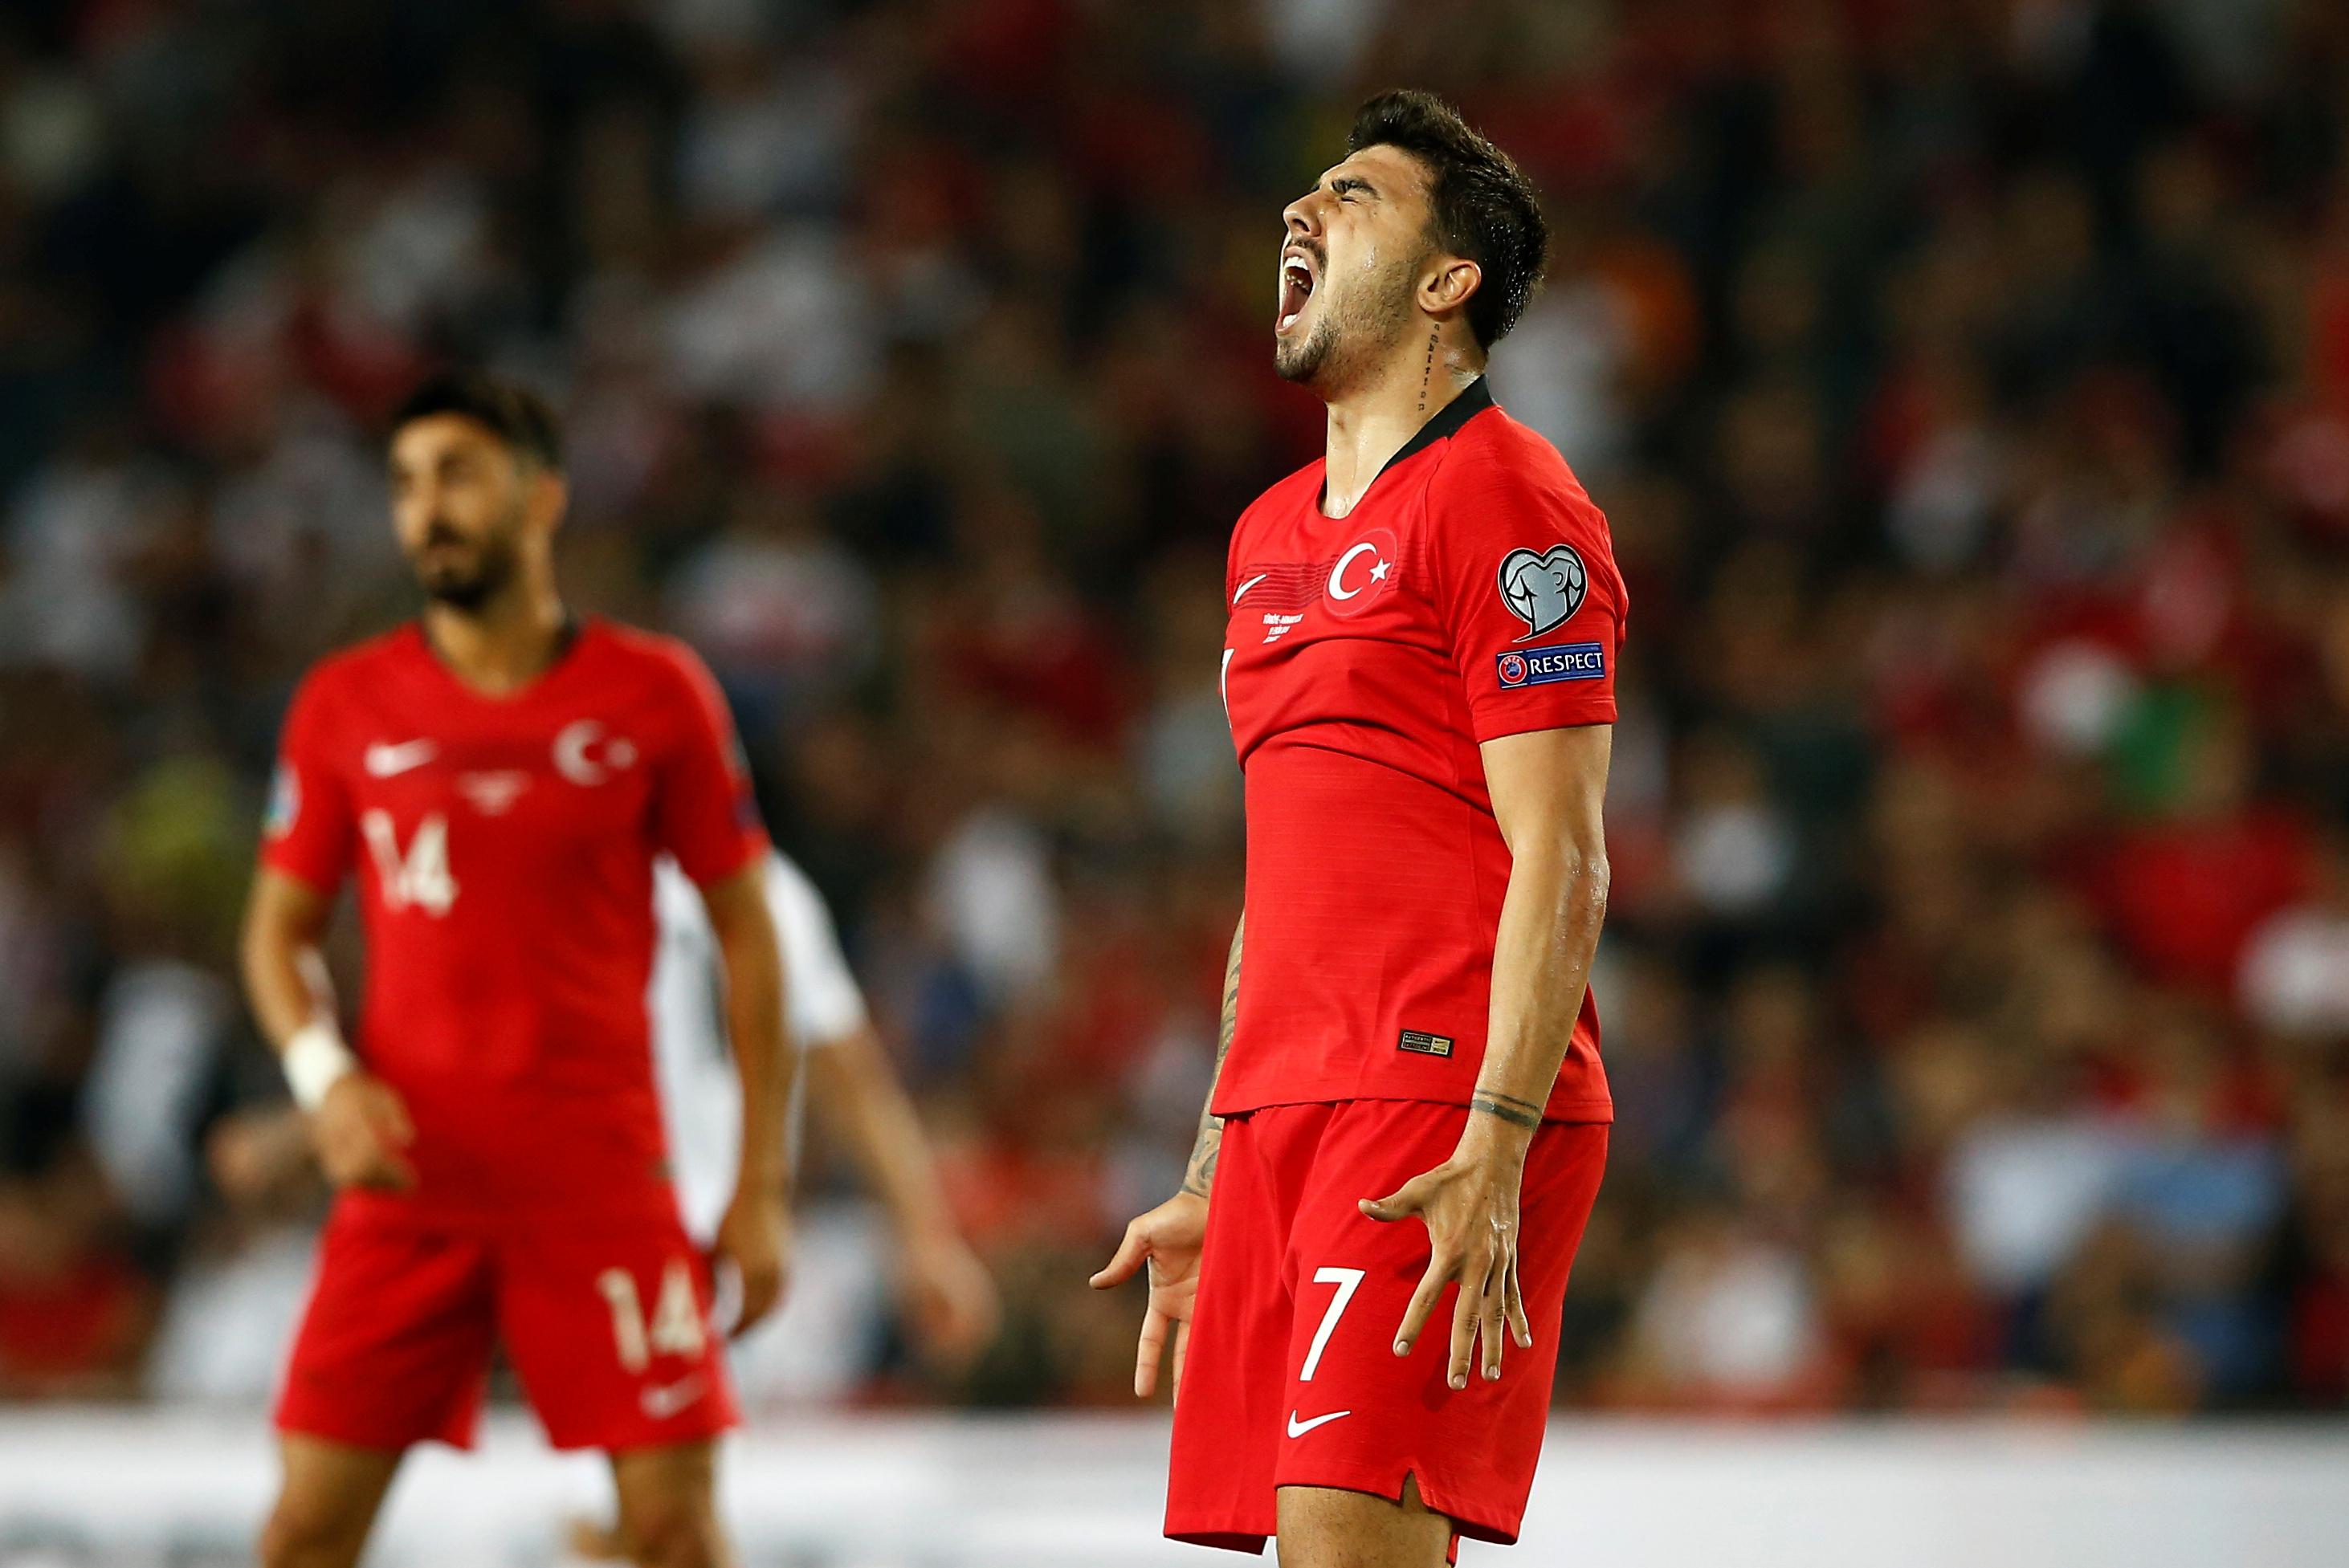 """Τούρκος ποδοσφαιριστής: """"Ο Αλλάχ να βοηθήσει τους ήρωες στρατιώτες μας!"""""""